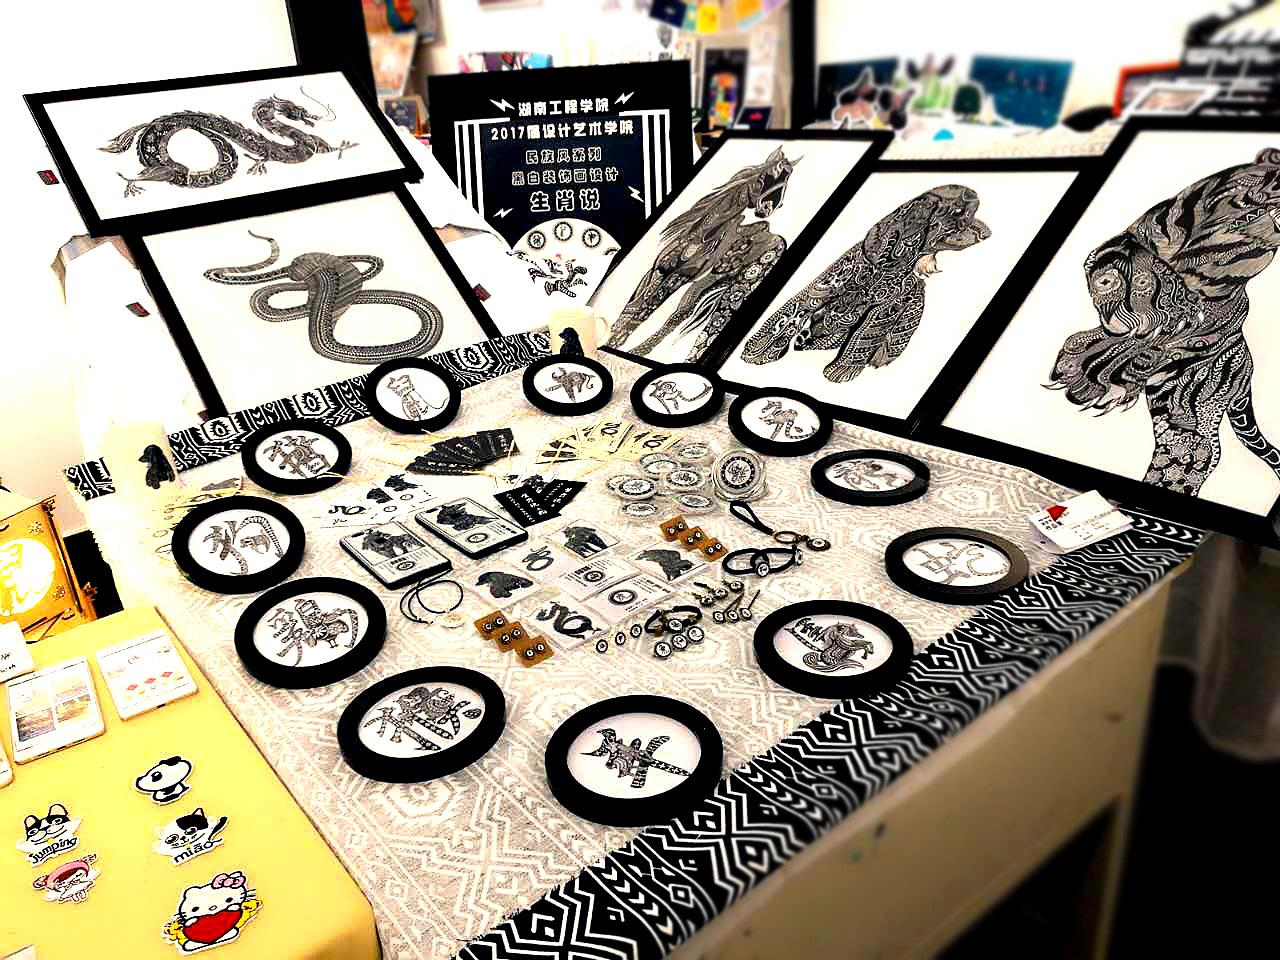 《民族风系列黑白装饰画设计——生肖说》毕业设计展图片